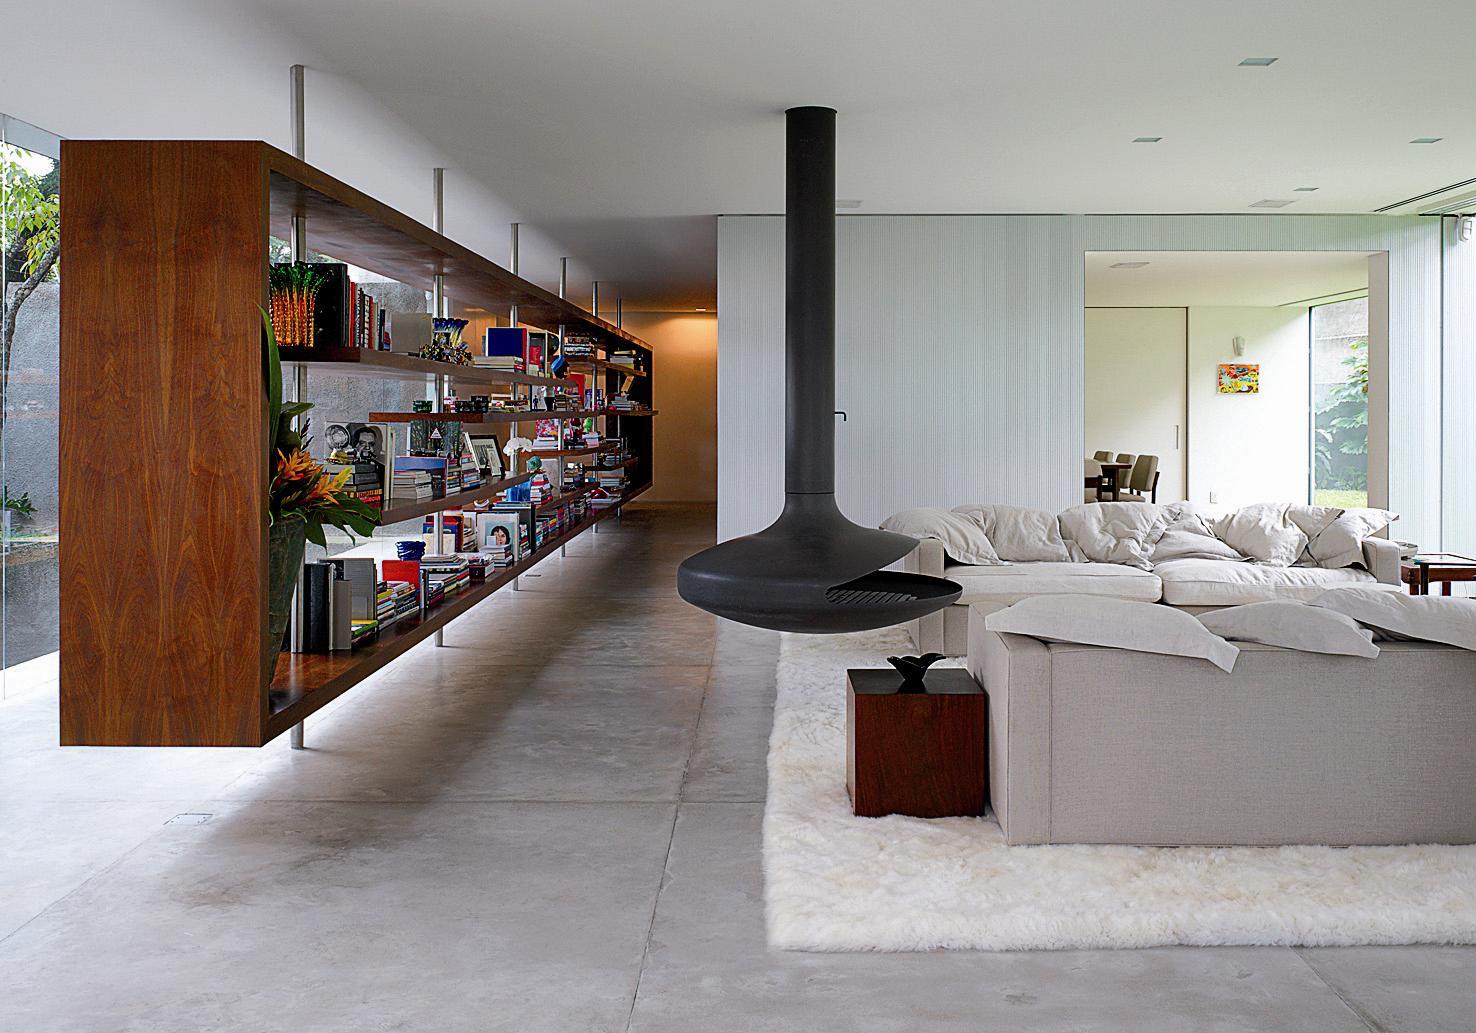 Isay weinfeld resid ncia s o paulo arcoweb - Interiores modernos de casas ...